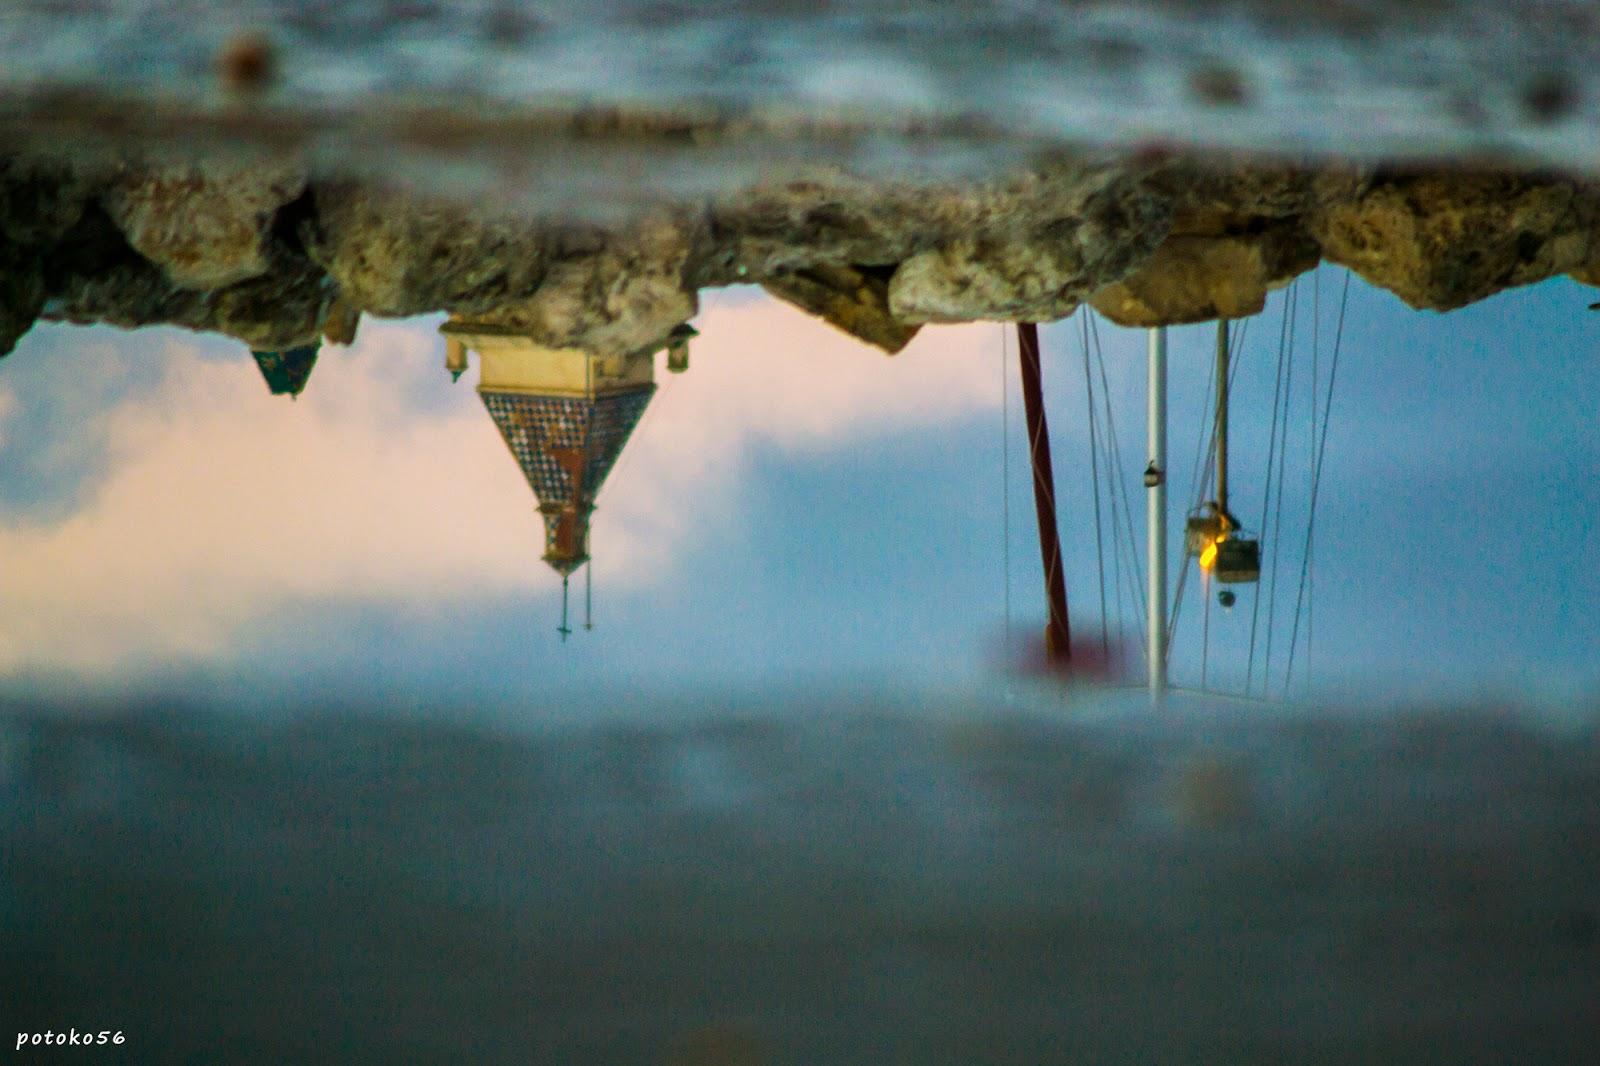 reflejos en una charca en la Playa del Chorrillo Rota